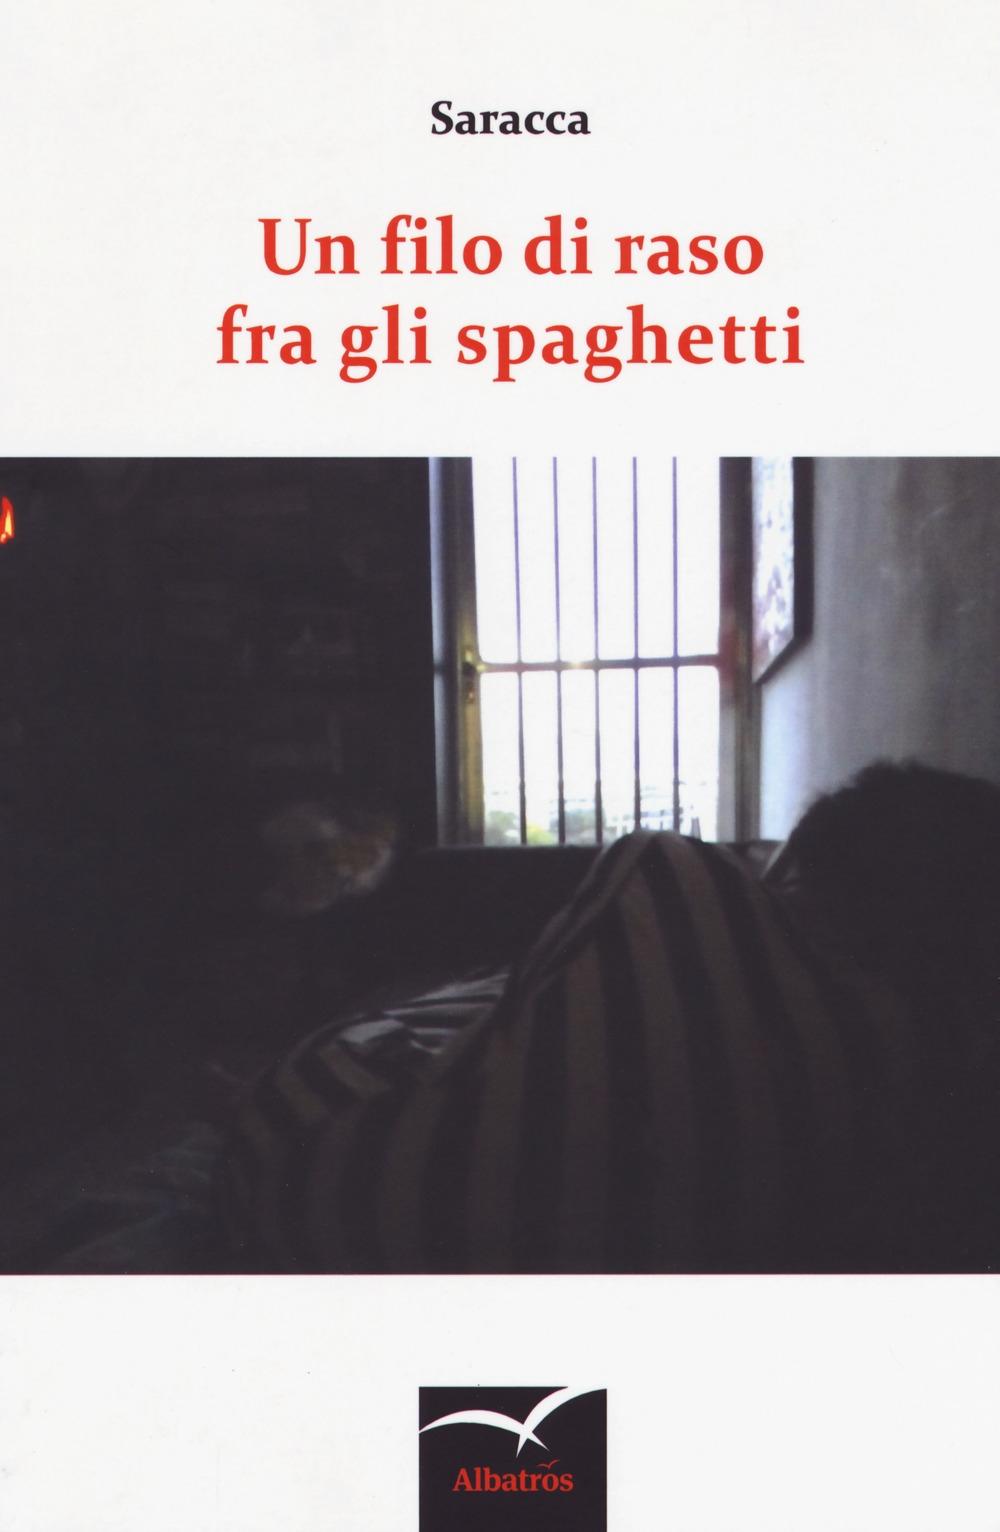 Un filo di raso fra gli spaghetti